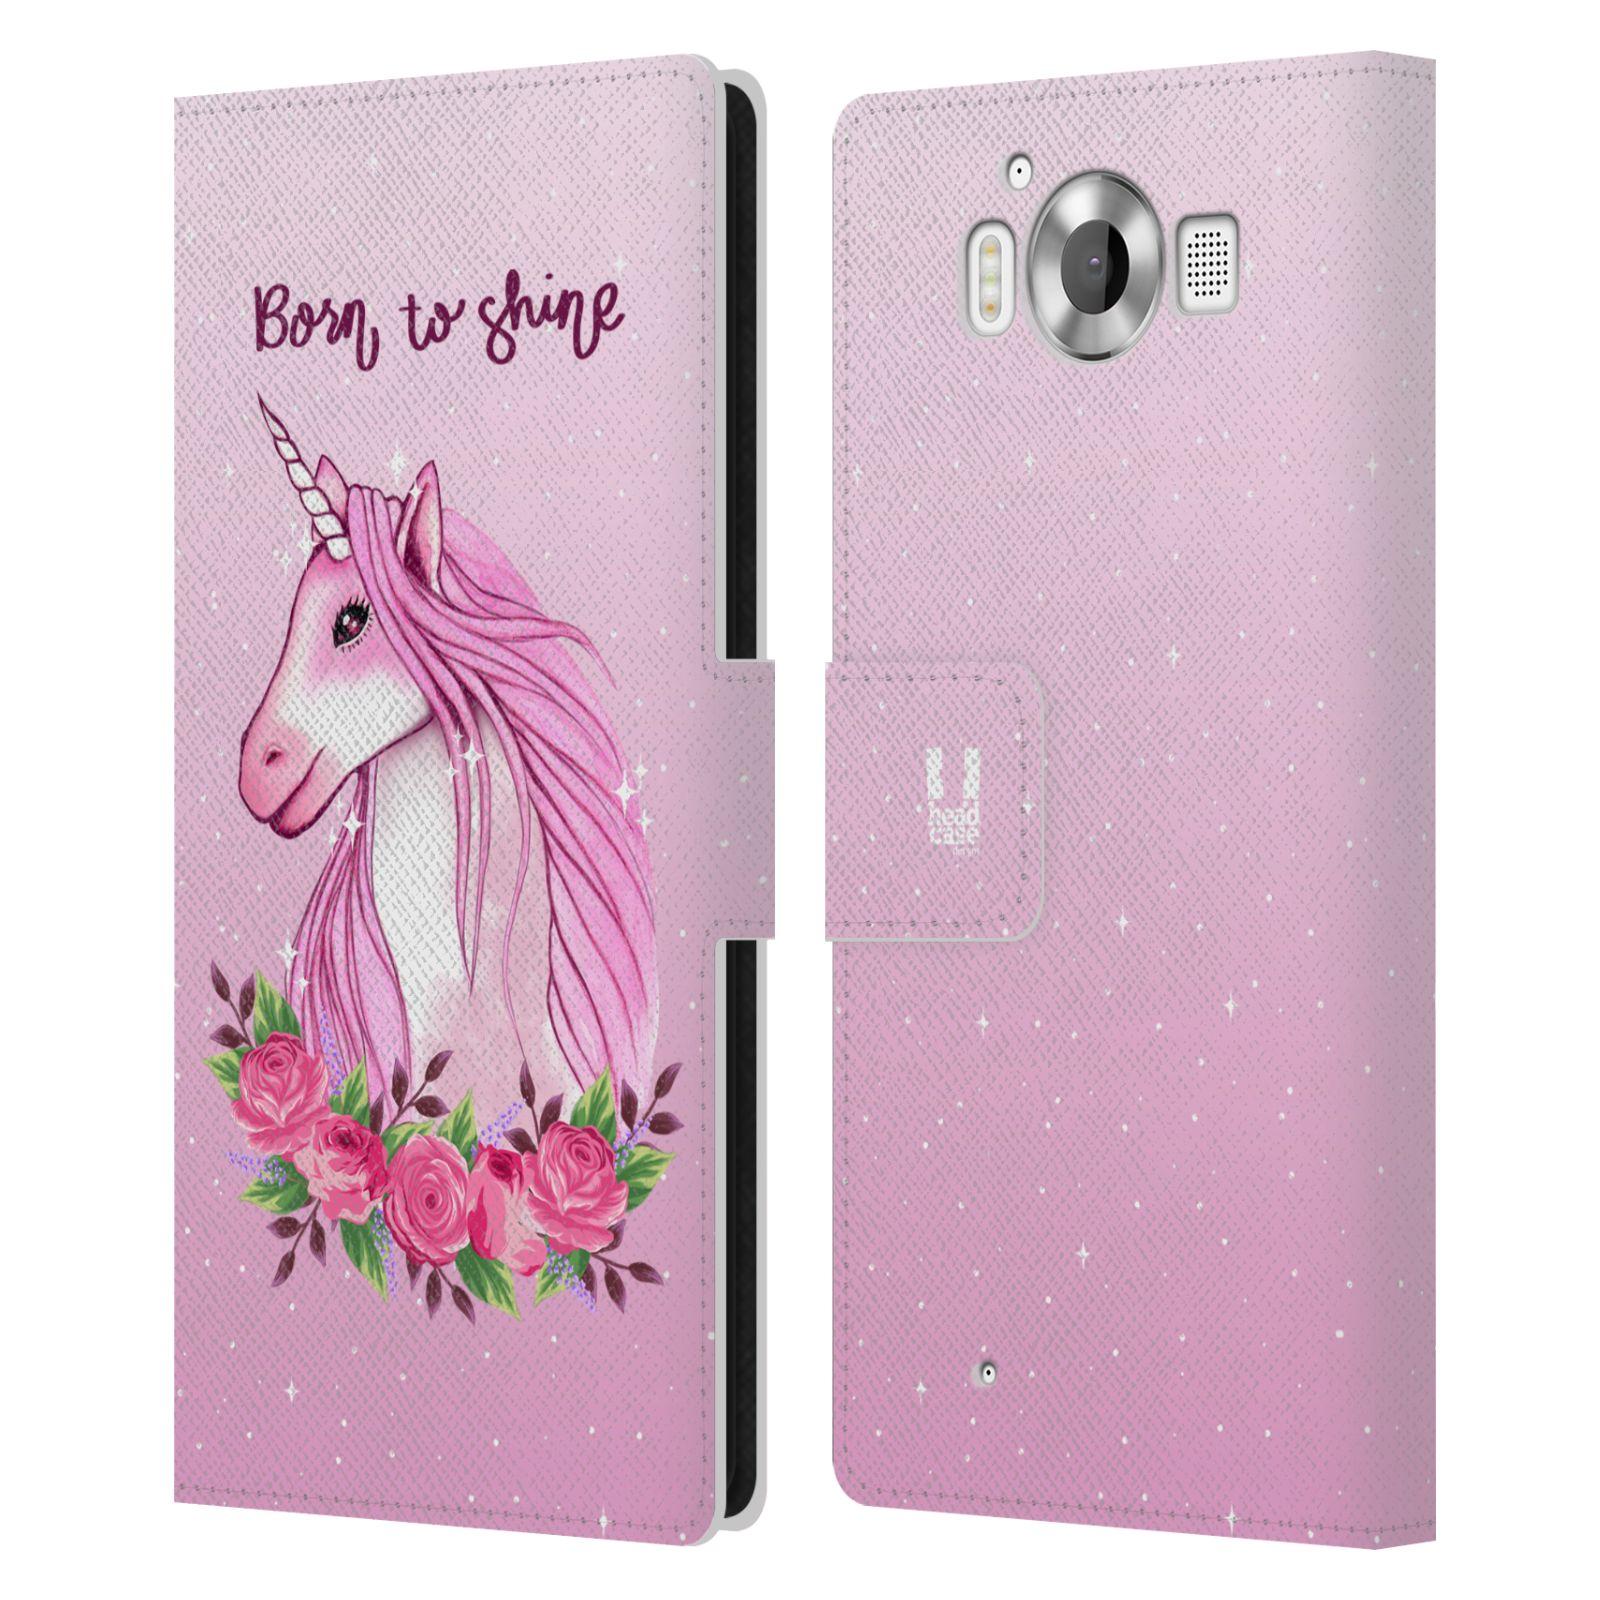 Pouzdro na mobil Nokia Lumia 950 - Head Case - Růžový jednorožec růže